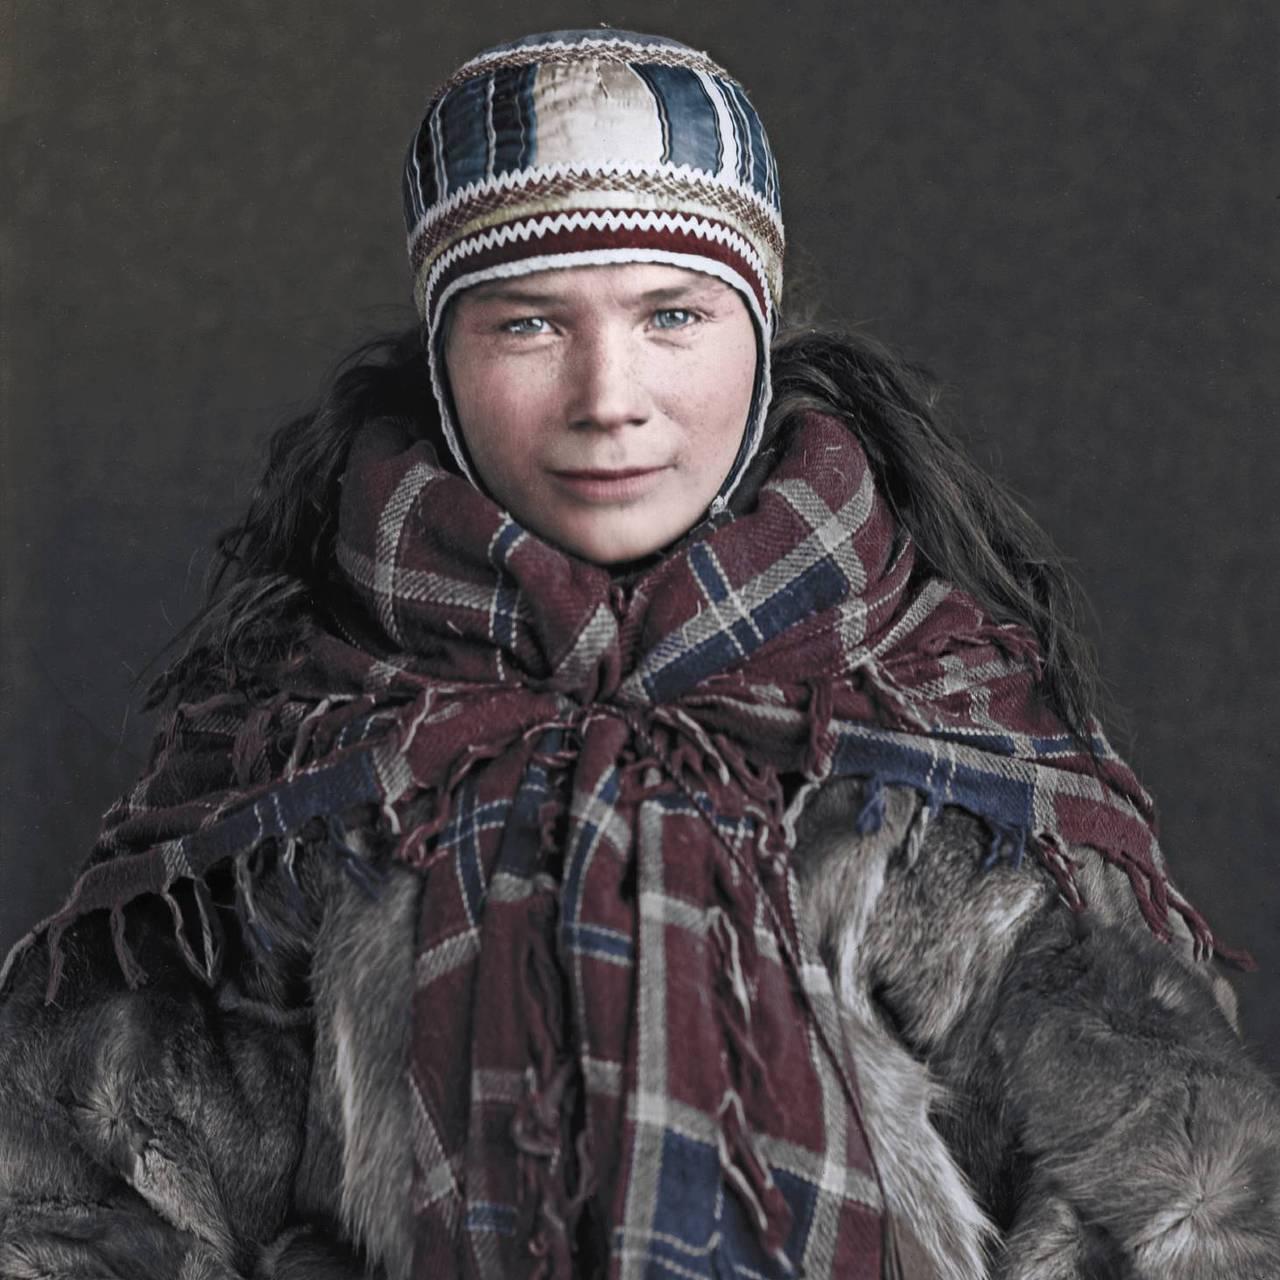 Inger Andersdatter Bæhr, 26 år, gjenngitt i boken «Folket under nordlyset»/«Álbmot guovssahasa vuolde» av Per Ivar Somby om den danske forskeren Sophus Tromholts fotoprosjekt